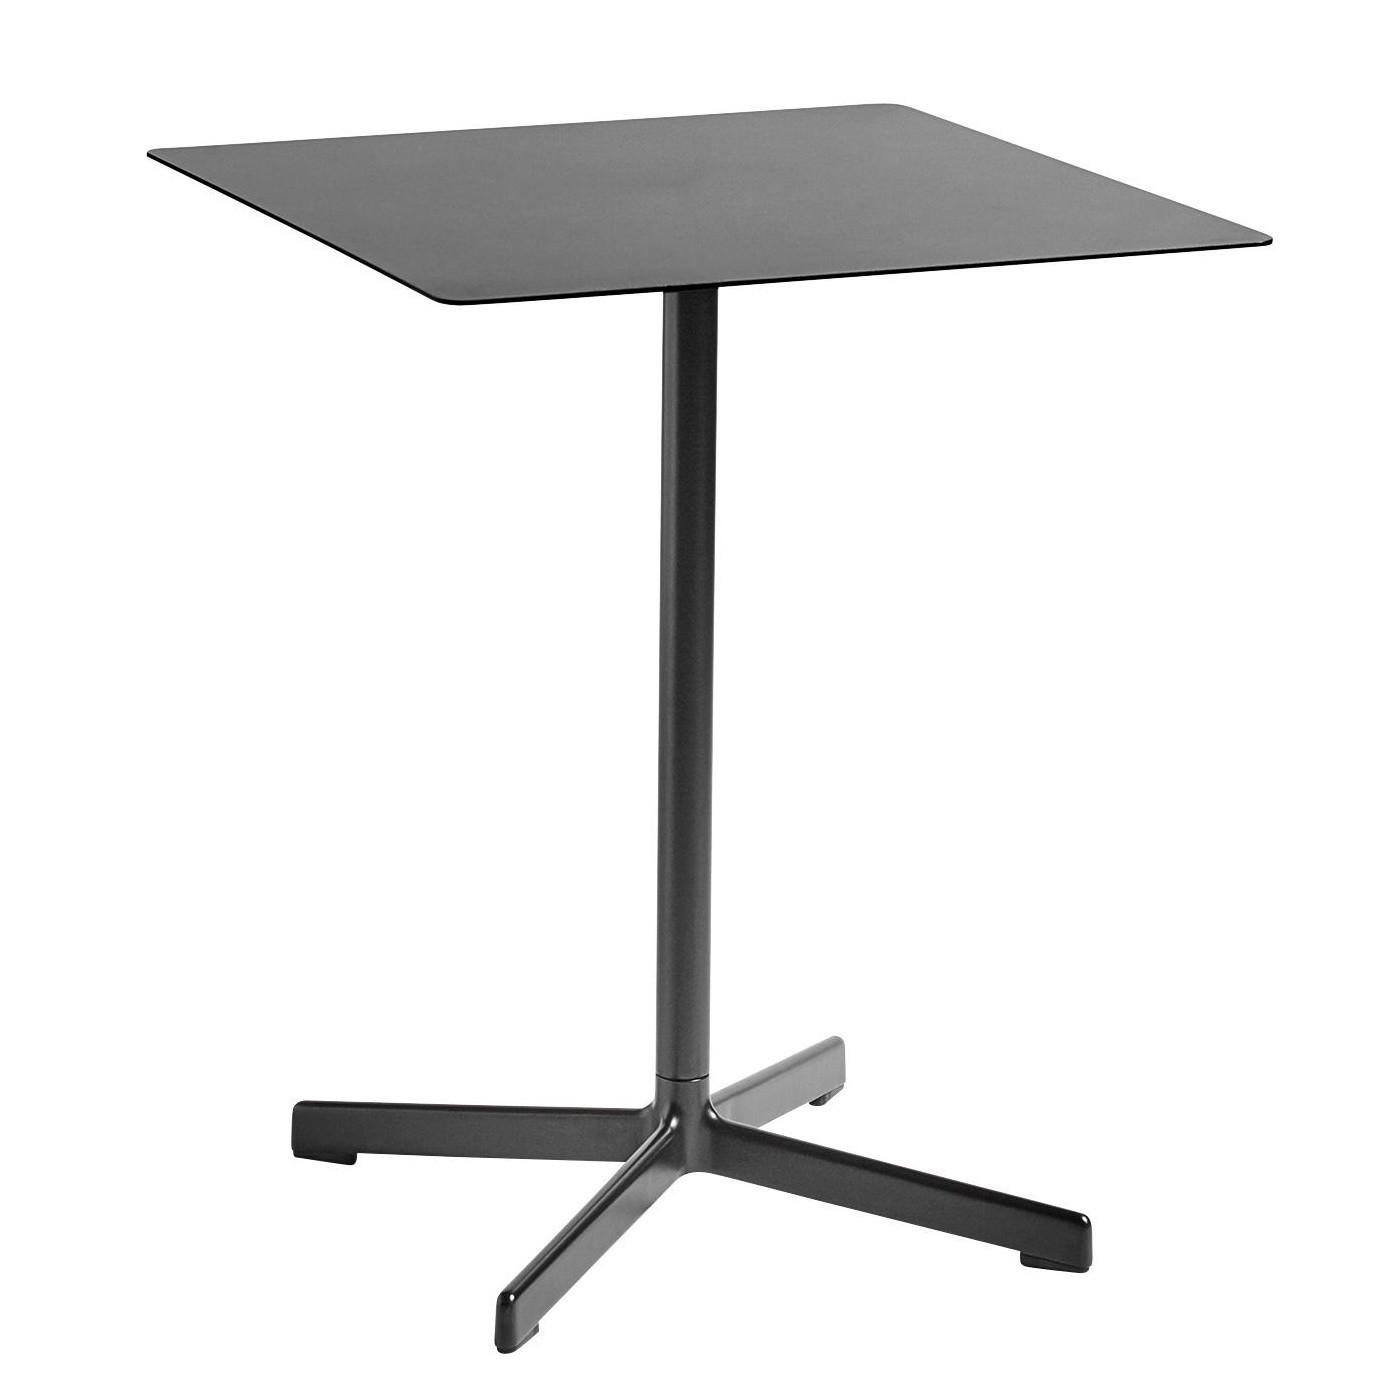 Full Size of Esstisch Quadratisch Hay Neu Tisch 60x60cm Ambientedirect Oval Weiß 160 Ausziehbar Esstische Rund Eiche Kleiner Ausziehbarer Stühle Teppich Wildeiche Esstische Esstisch Quadratisch